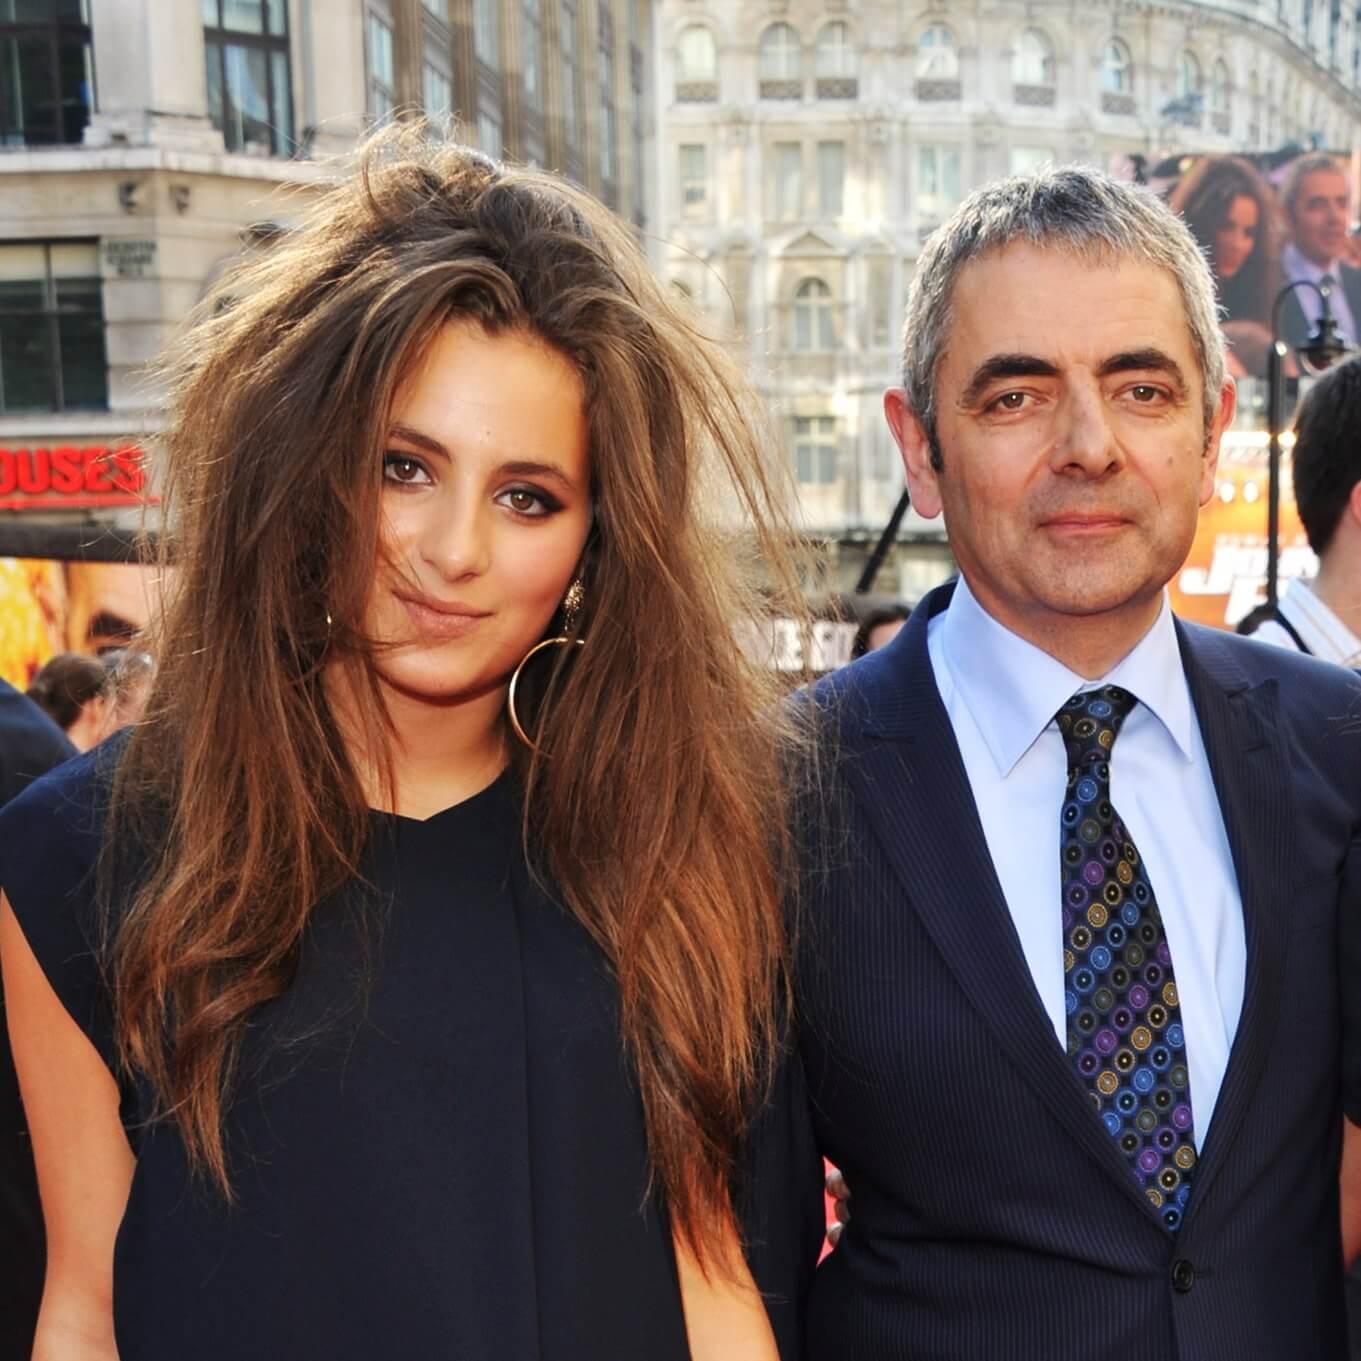 Rowan Atkinson and Lily Atkinson